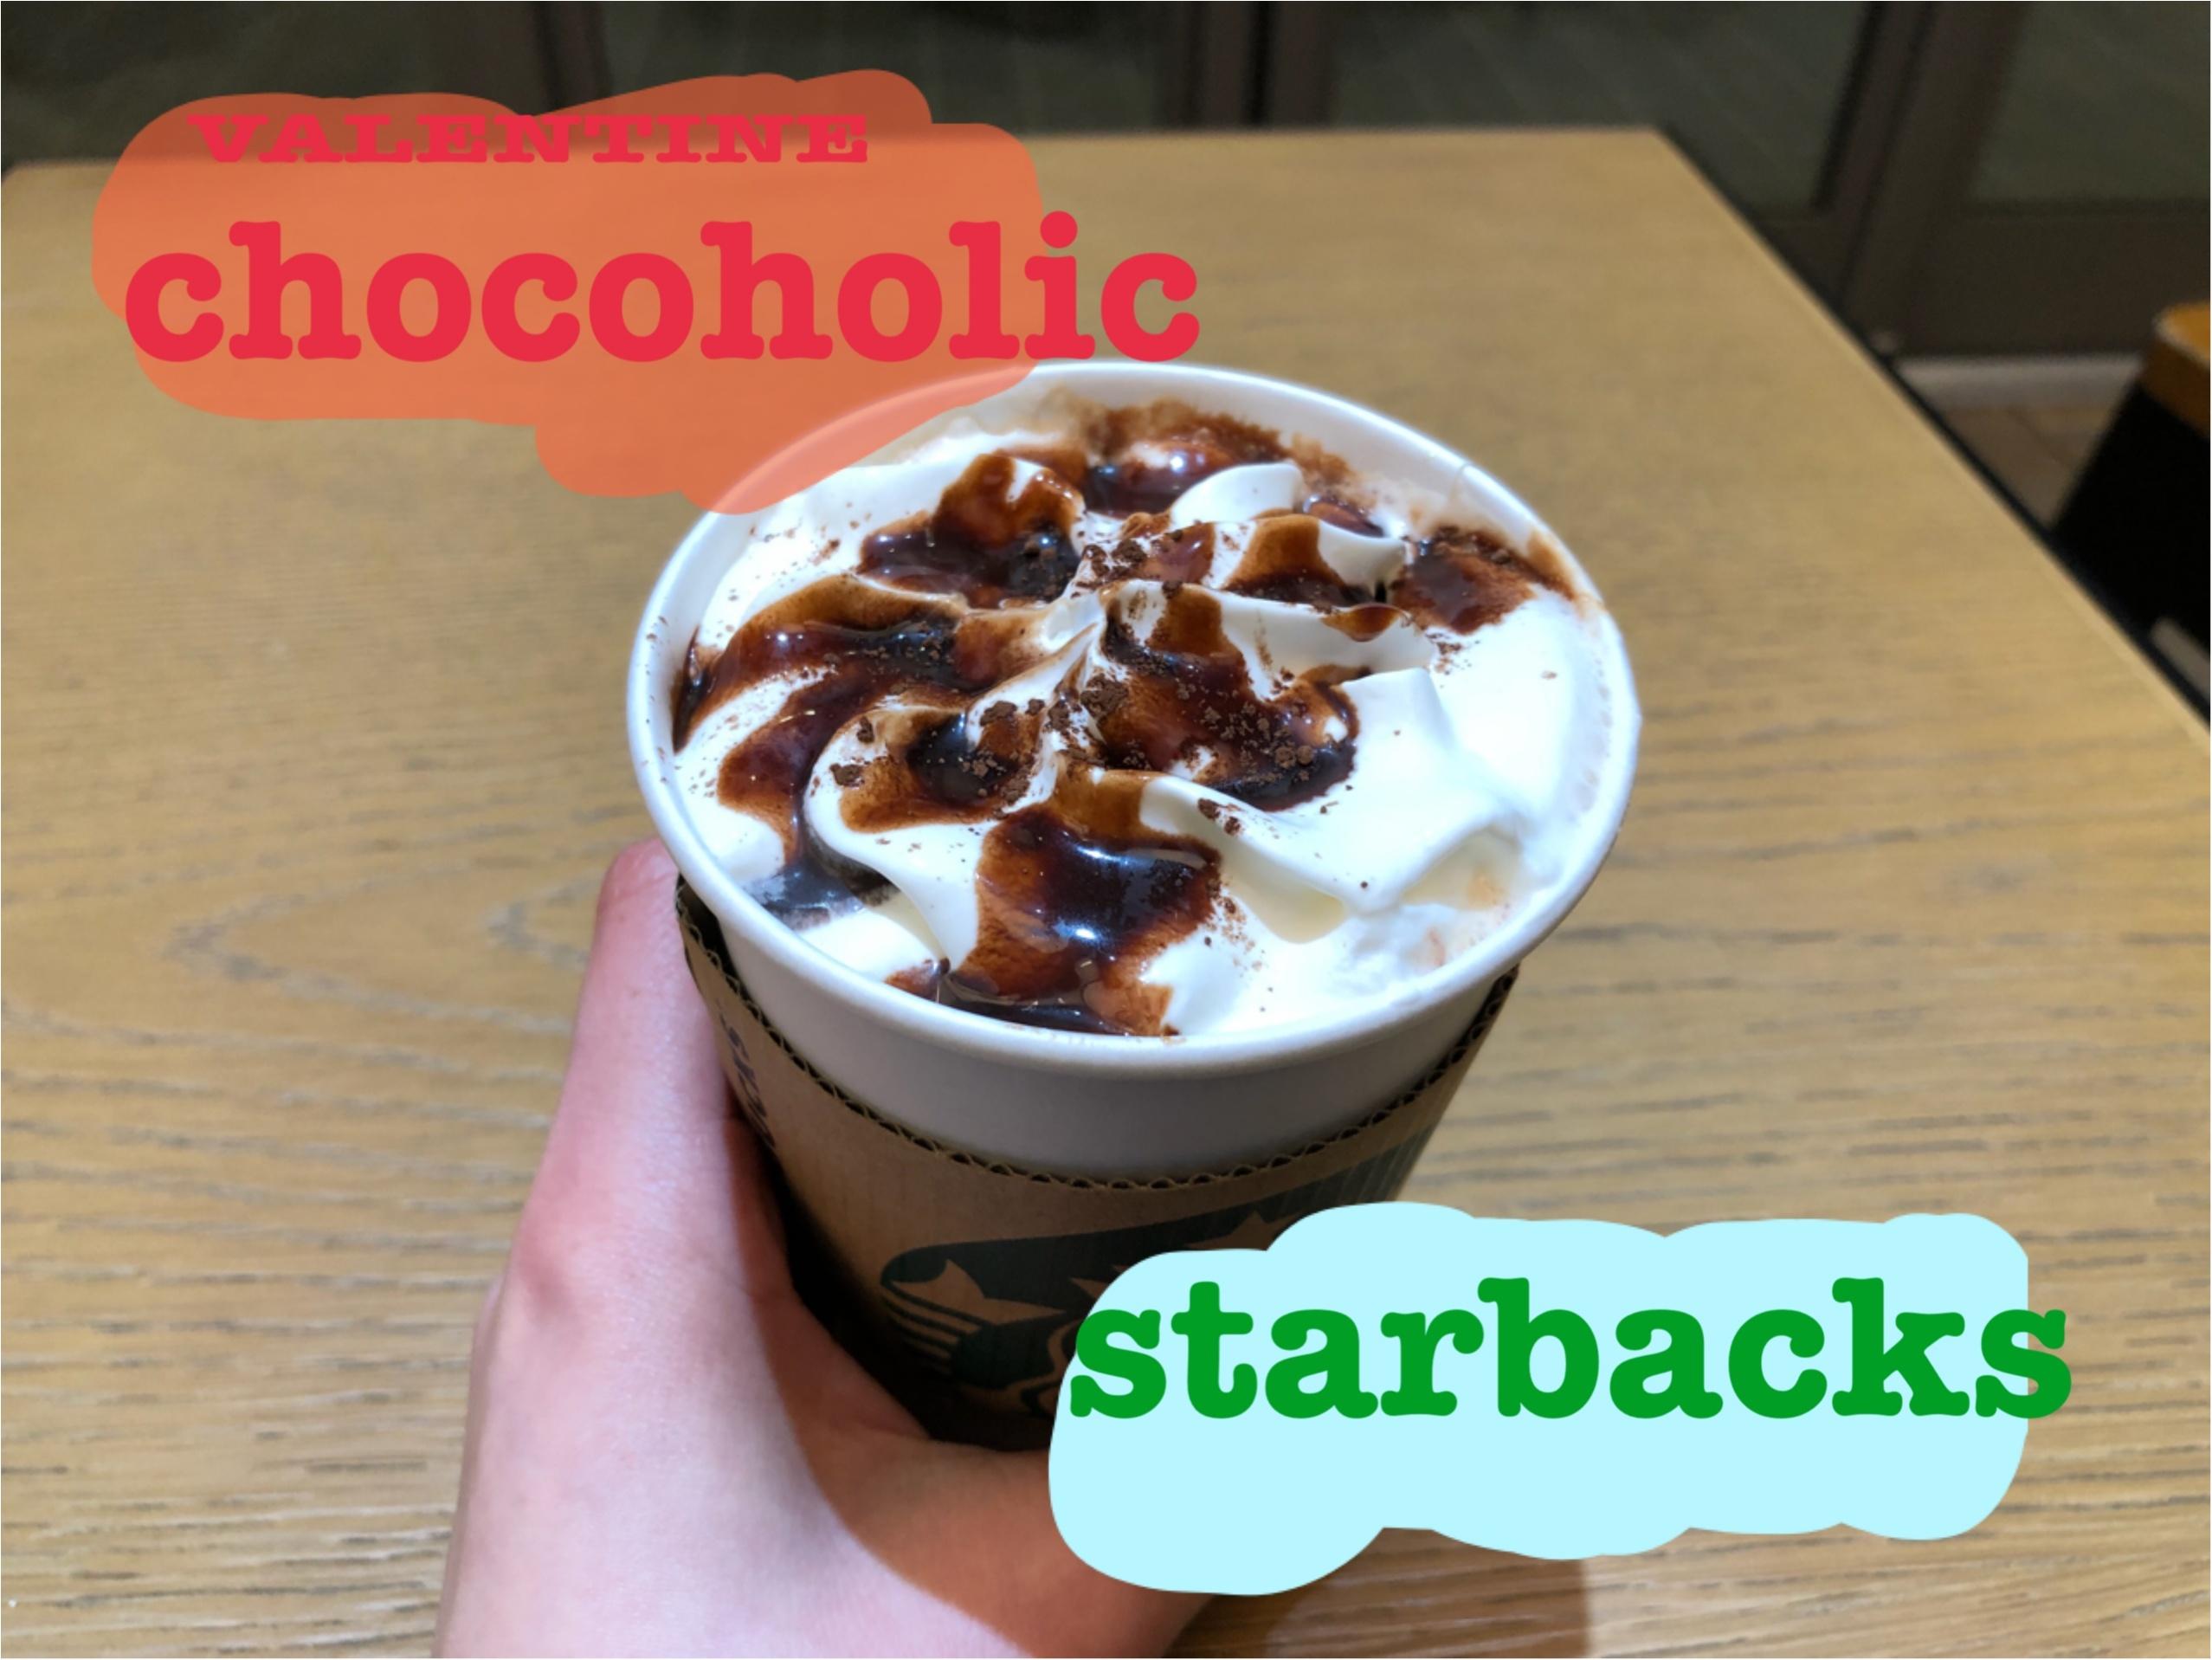 《期間限定》チョコ好きにはたまらない!!スターバックスのバレンタインチョコホリックは、コーヒーが苦手でも楽しめます♡チョコレートドリンクで、贅沢なひとときを、、♡_1